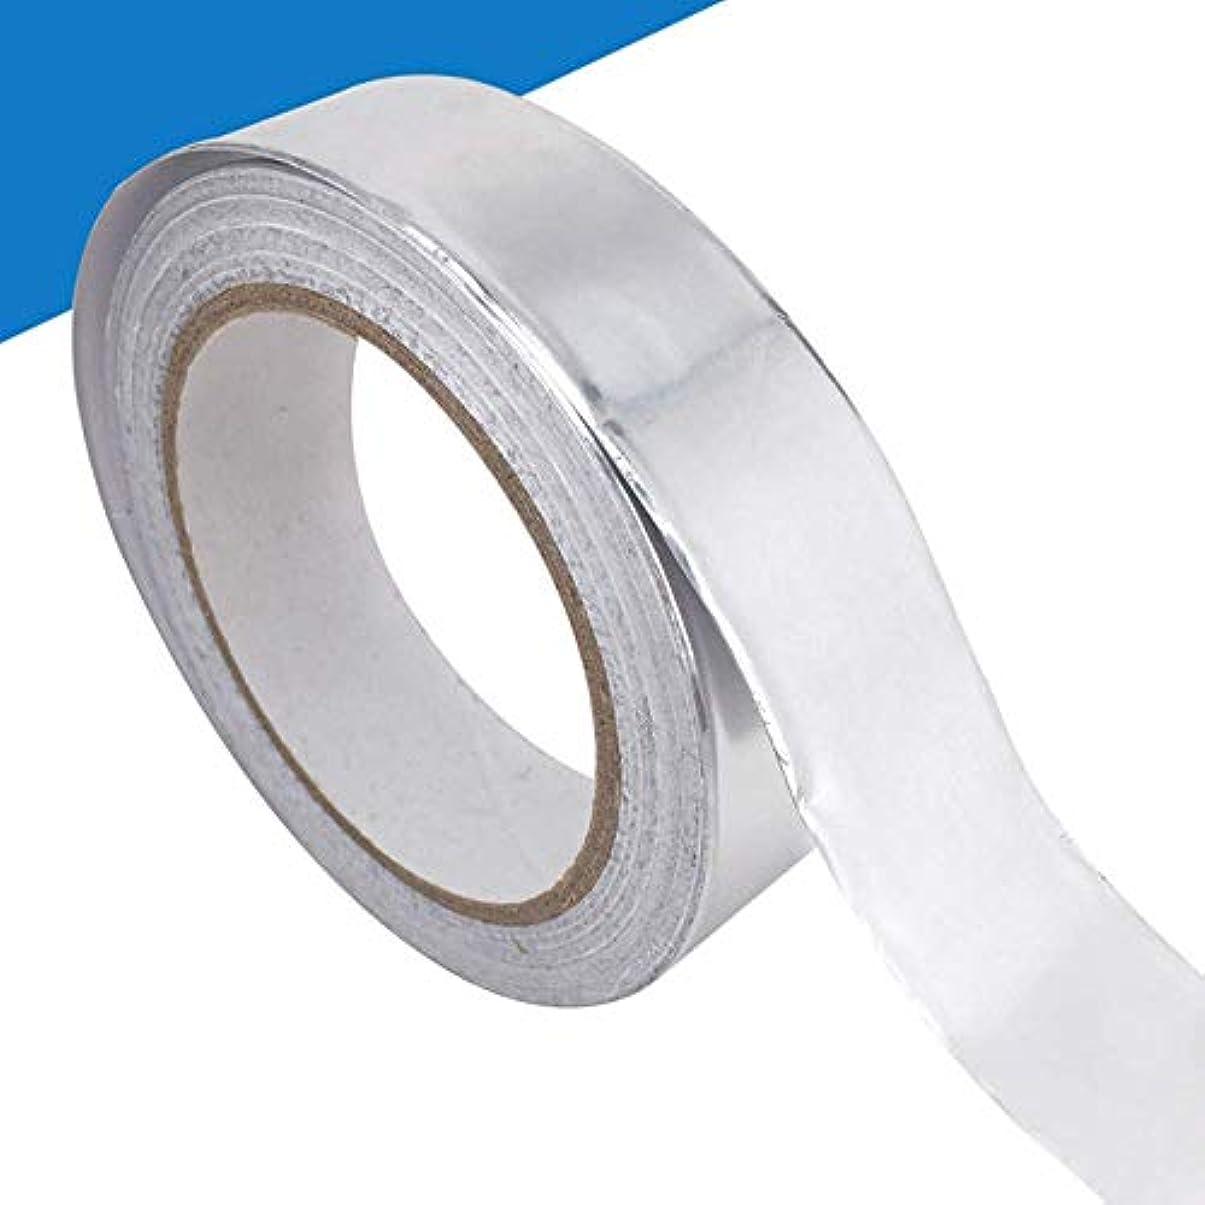 全員ビーズ病Simg 導電性アルミテープ アルミ箔テープ 放射線防護 耐熱性 防水 多機能 25mm幅x20m